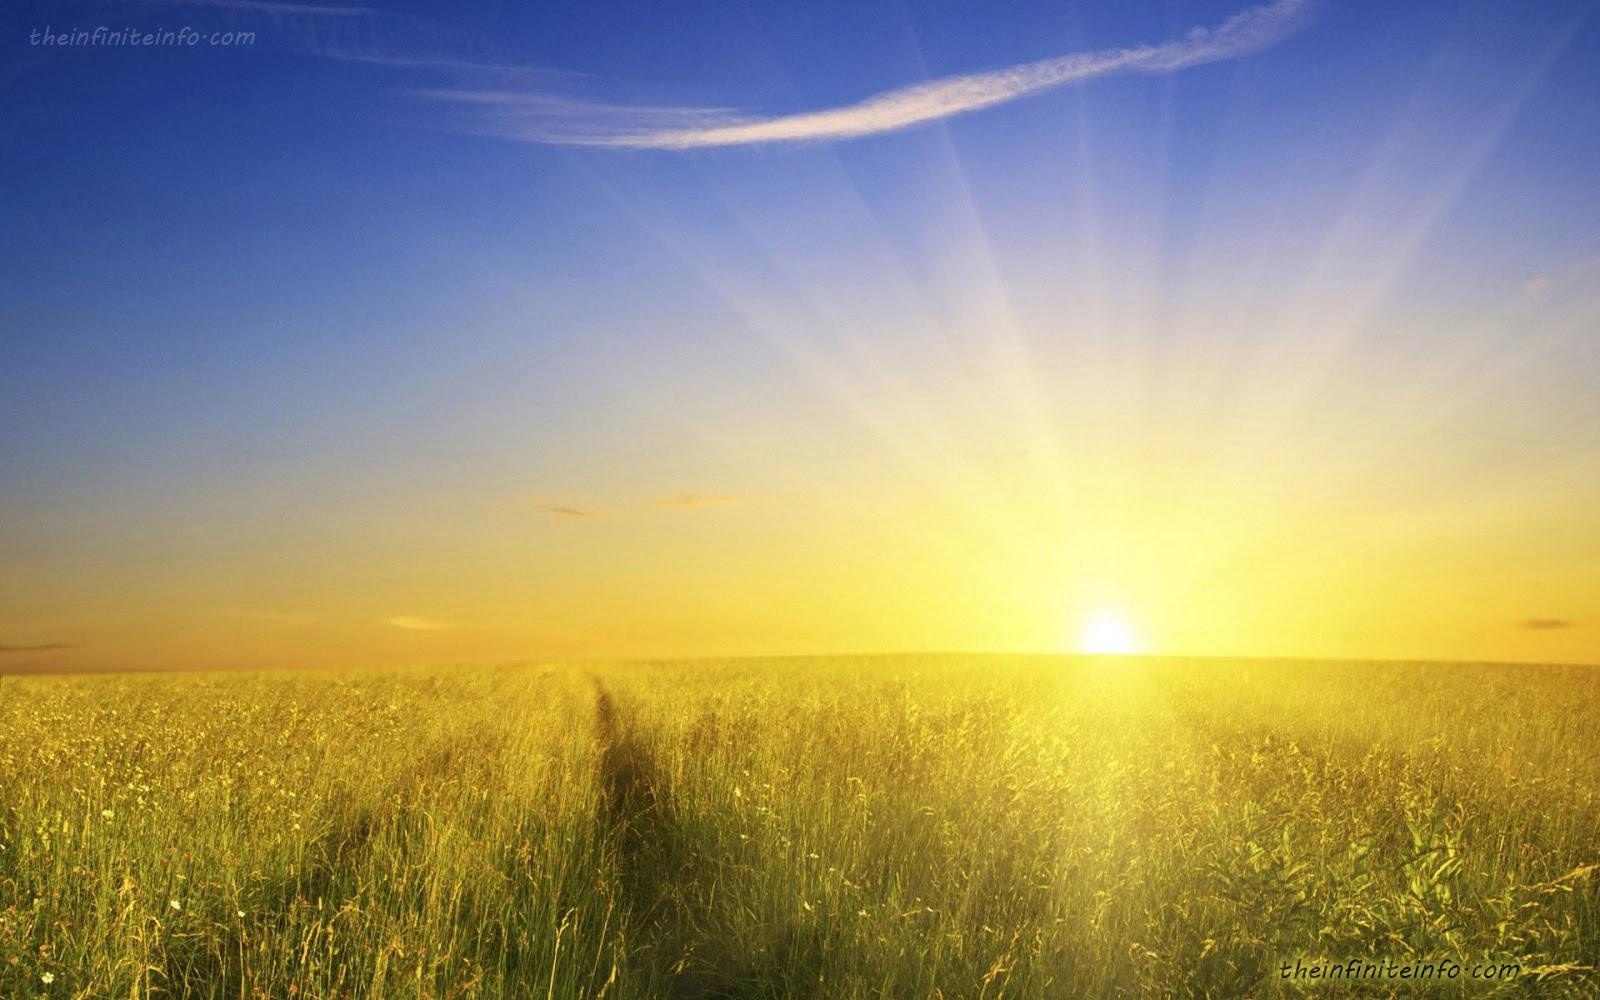 http://4.bp.blogspot.com/-LJvwHLEJ4a8/T_6QsSvPvFI/AAAAAAAAAtc/c3TpPcpr3dI/s1600/sunshine-wallpaper_1920x1200.jpg